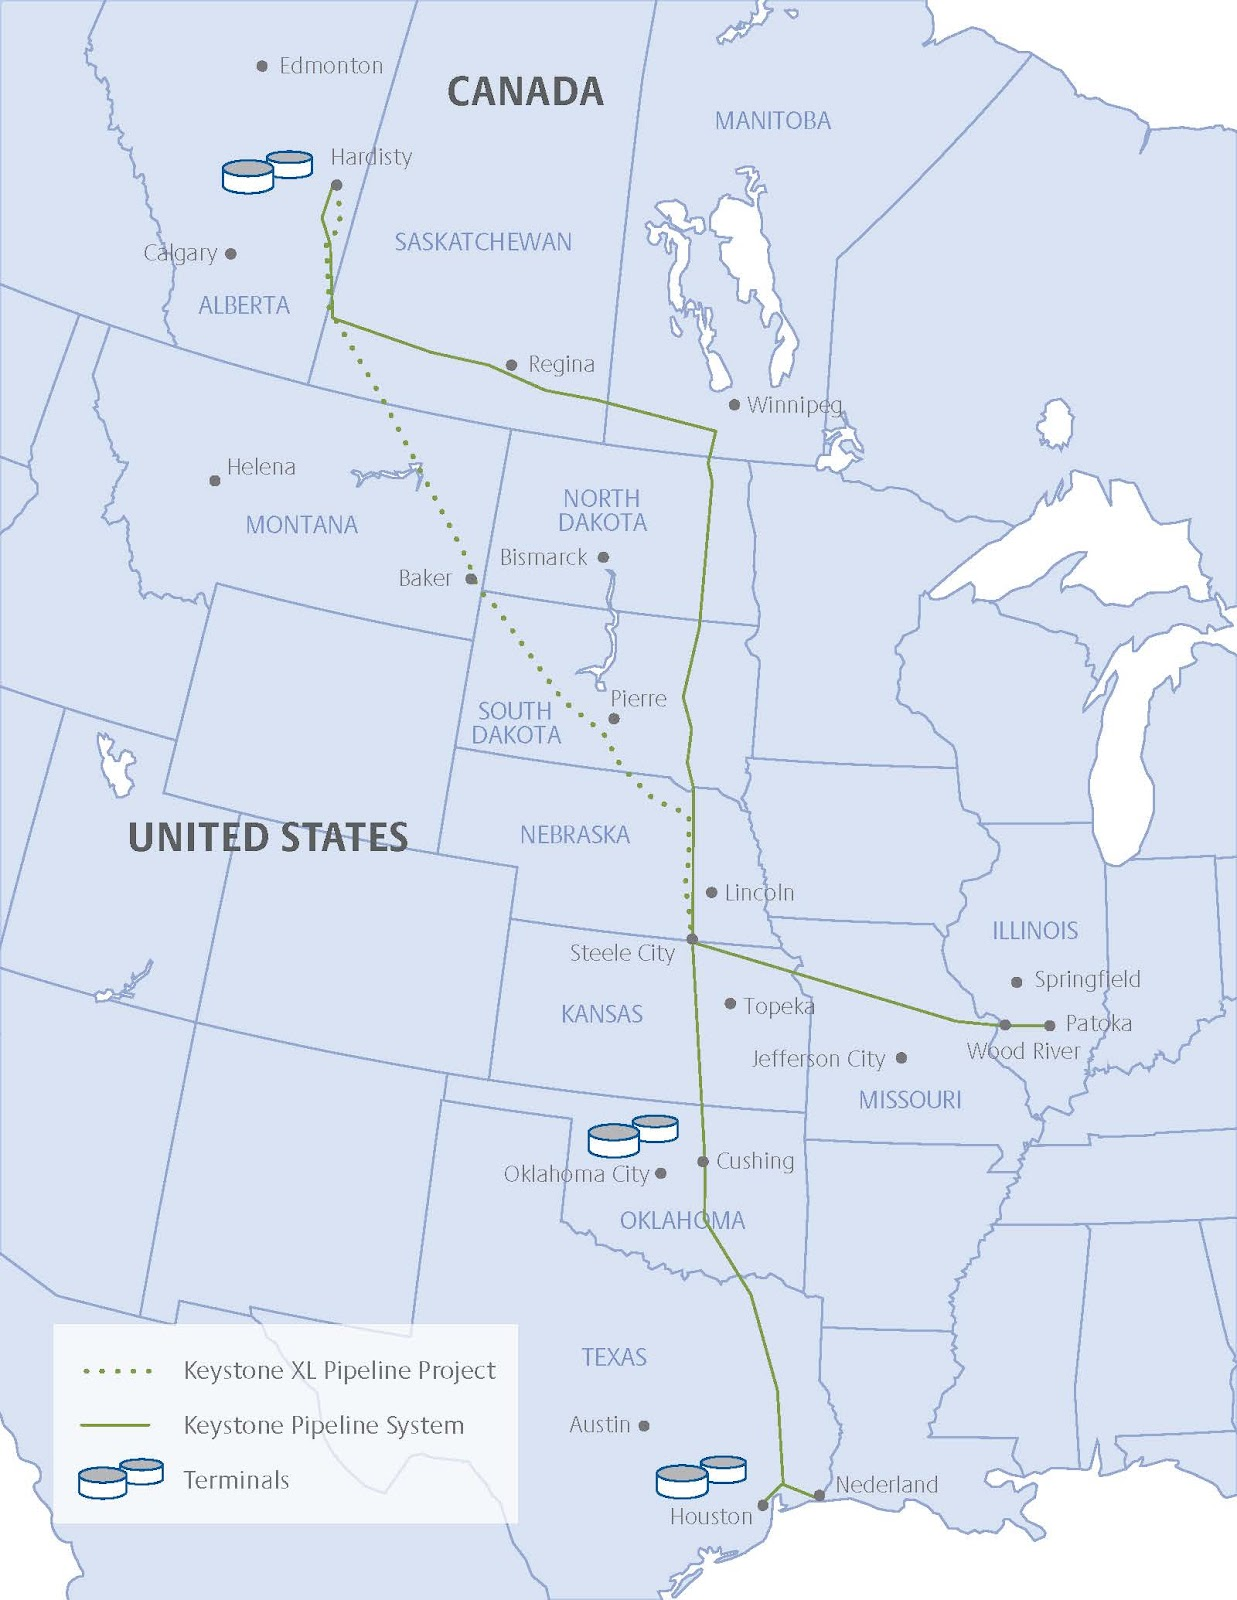 Keystone XL pipeline route map